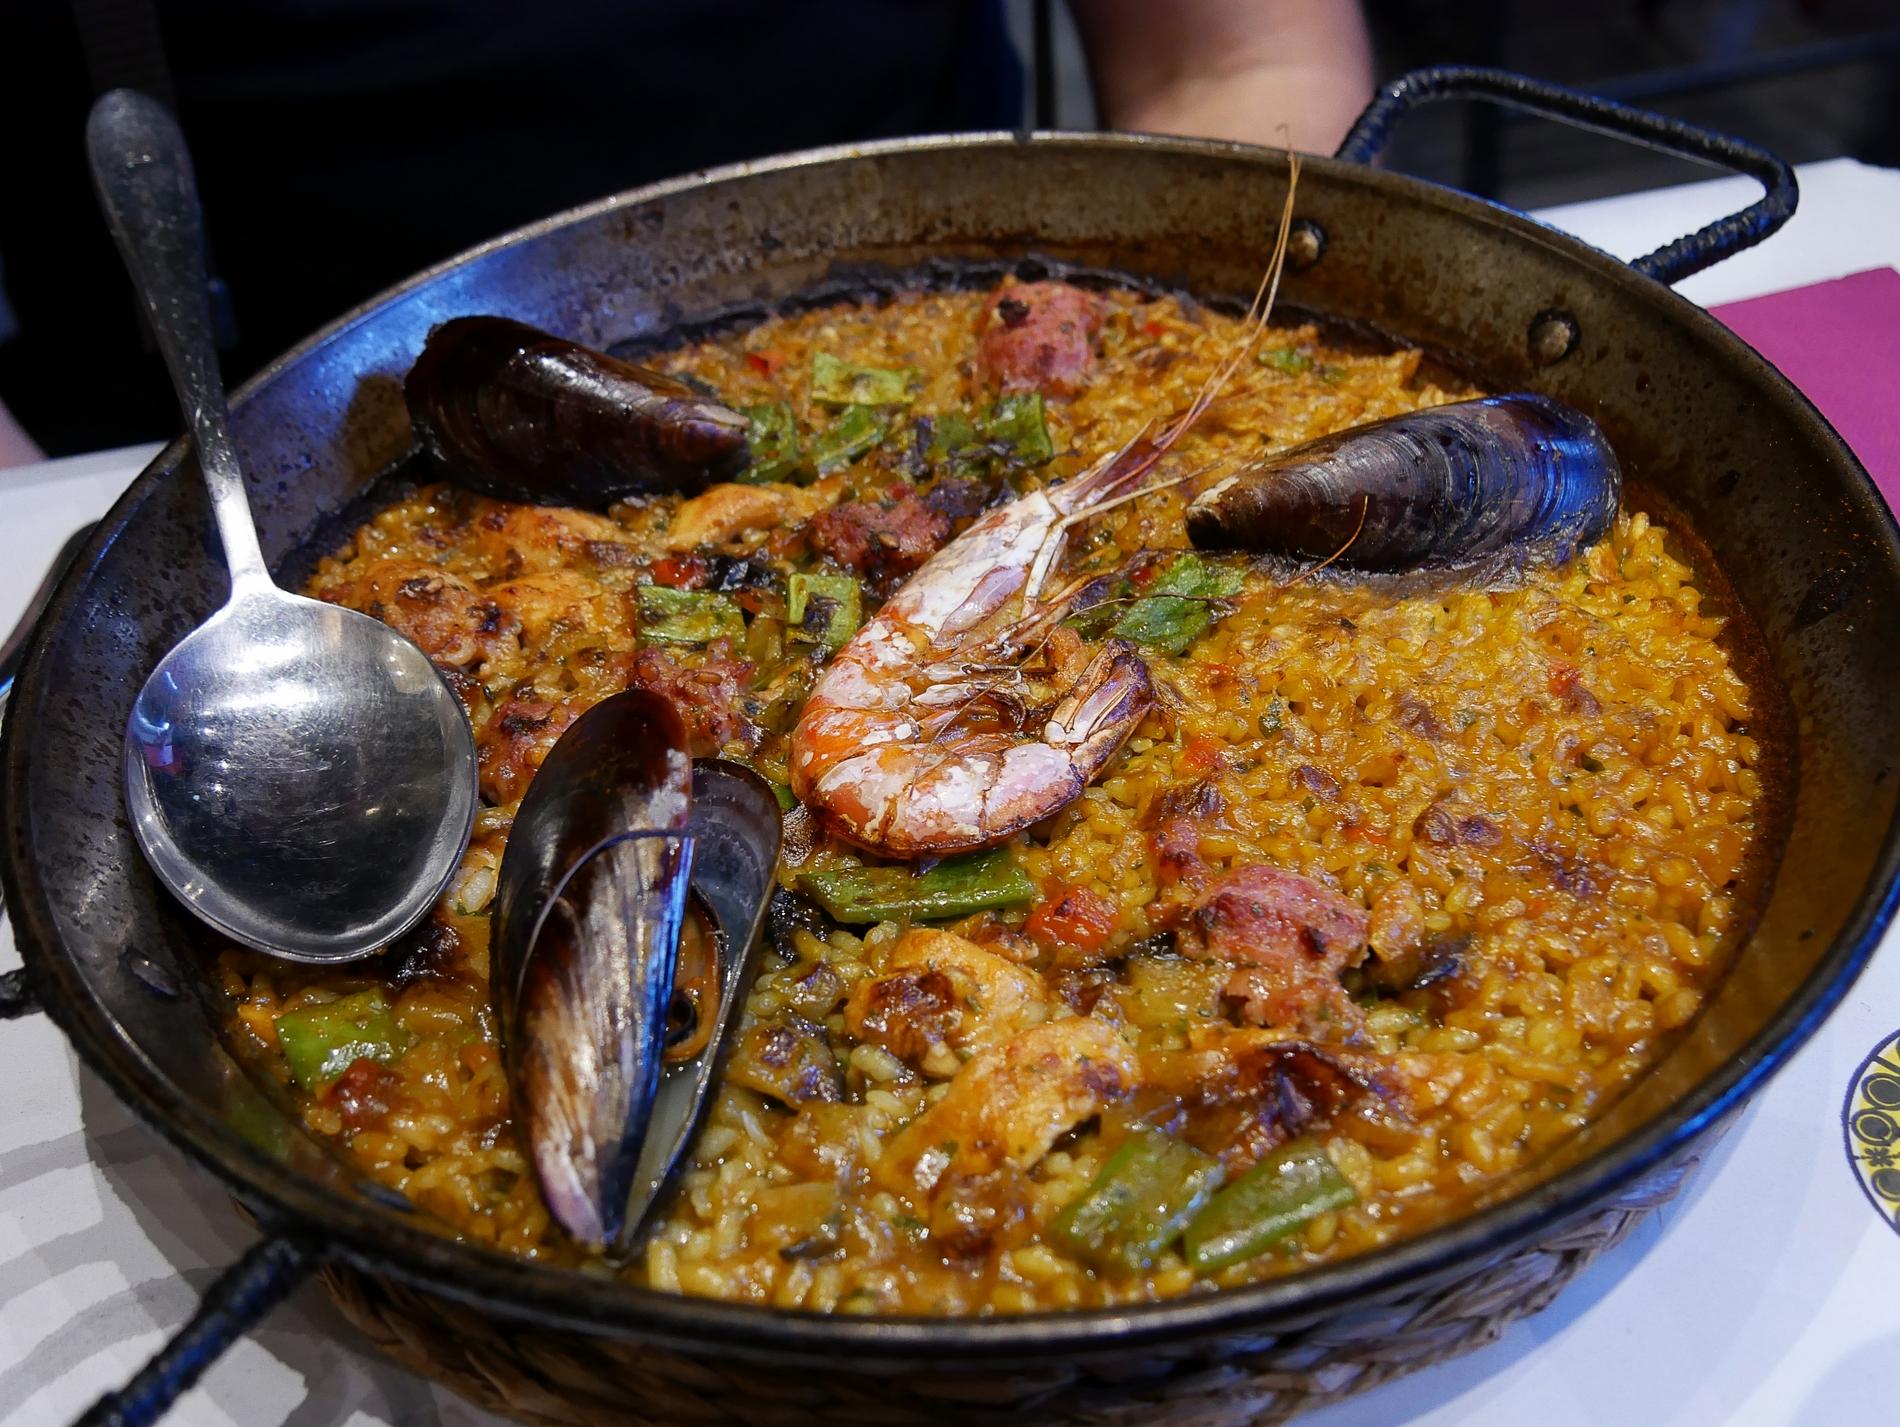 voyage découverte à barcelone - paella